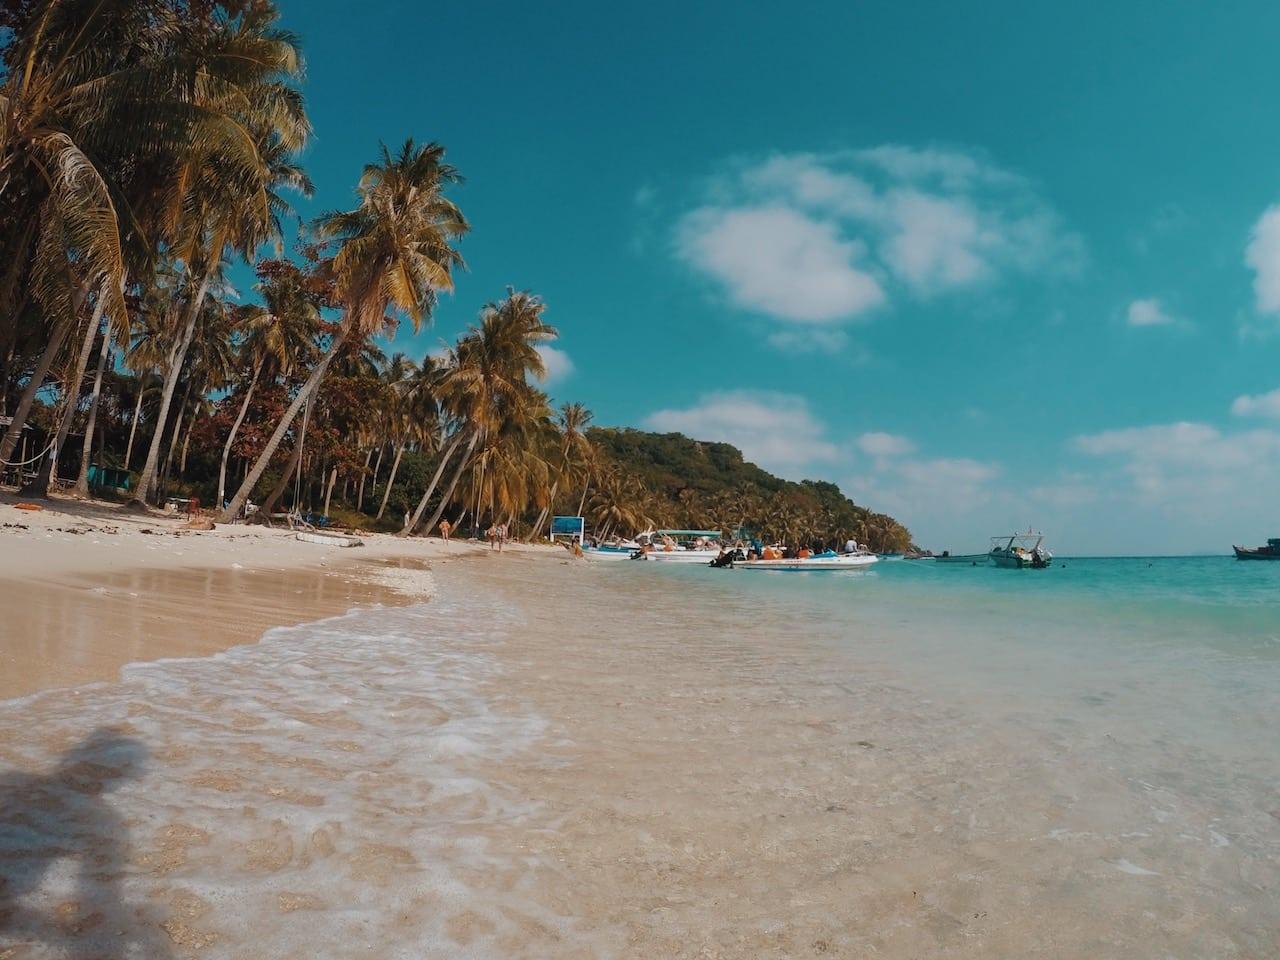 czysta plaża wycieczka, palmy woda wyspa phu quoc wietnam neverendingtravel.pl